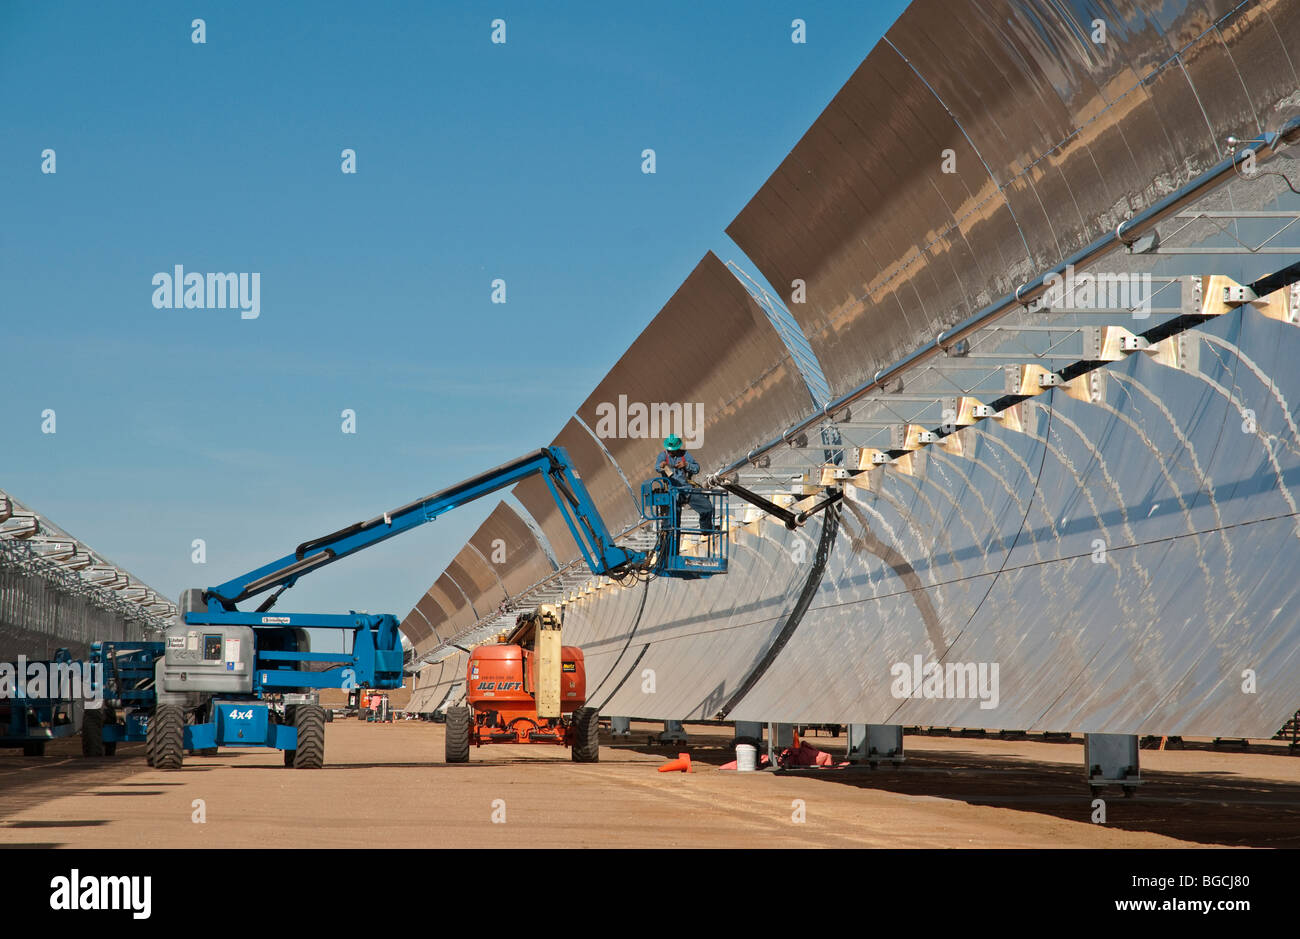 Instalaciones de Energía Solar con espejos parabólicos Imagen De Stock